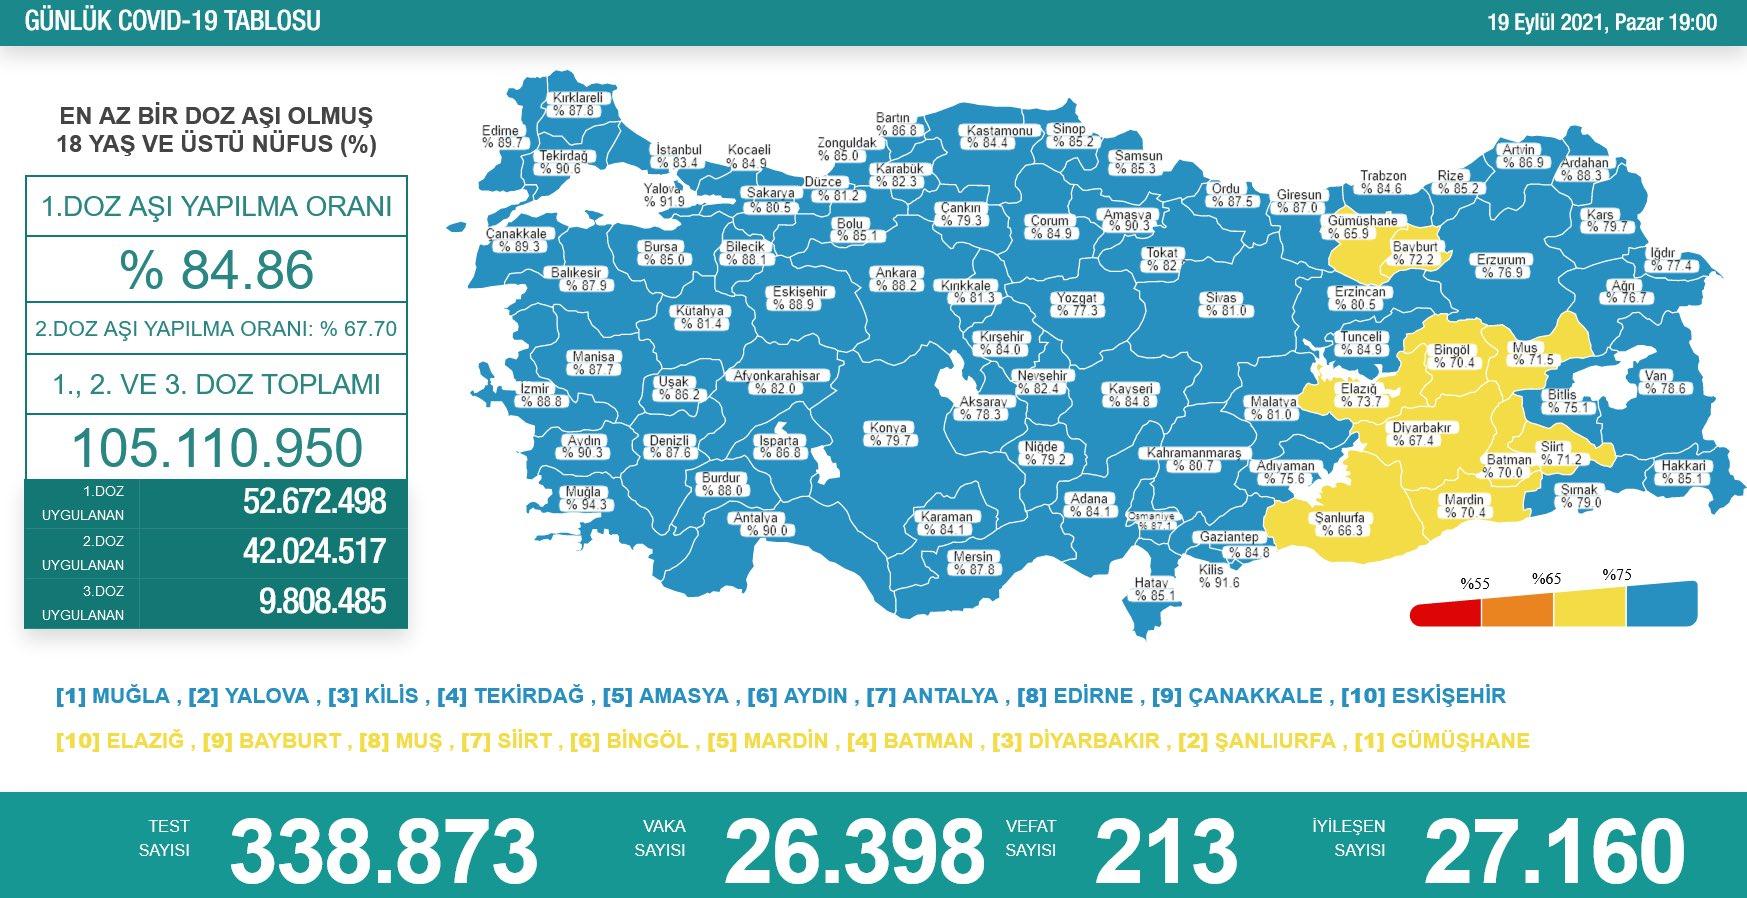 19 Eylül 2021 Türkiye Koronavirüs Tablosu Açıkladı